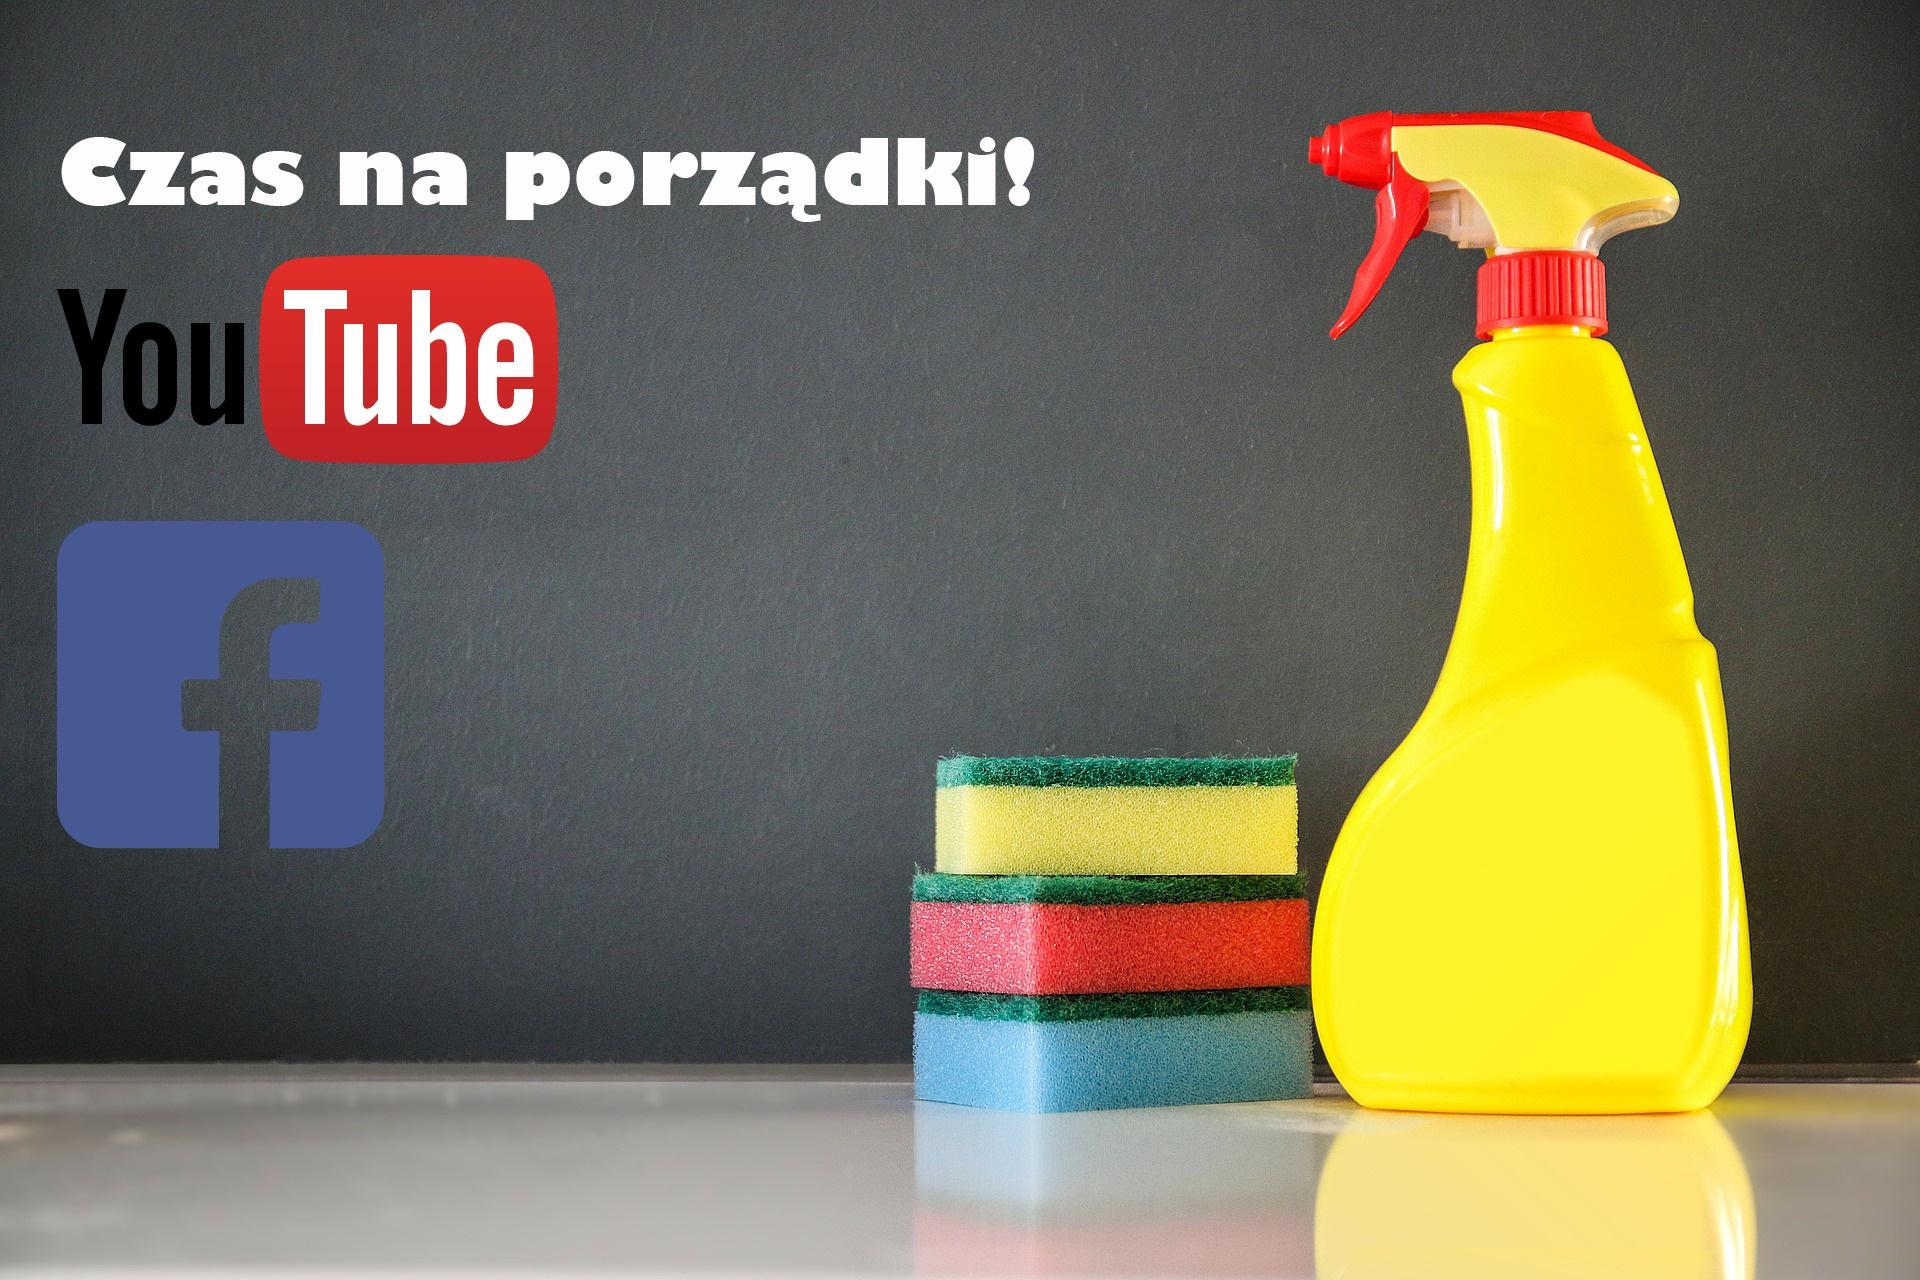 Masz kanał na Youtube, publikujesz dużo filmów na Facebooku? Czas na porządki